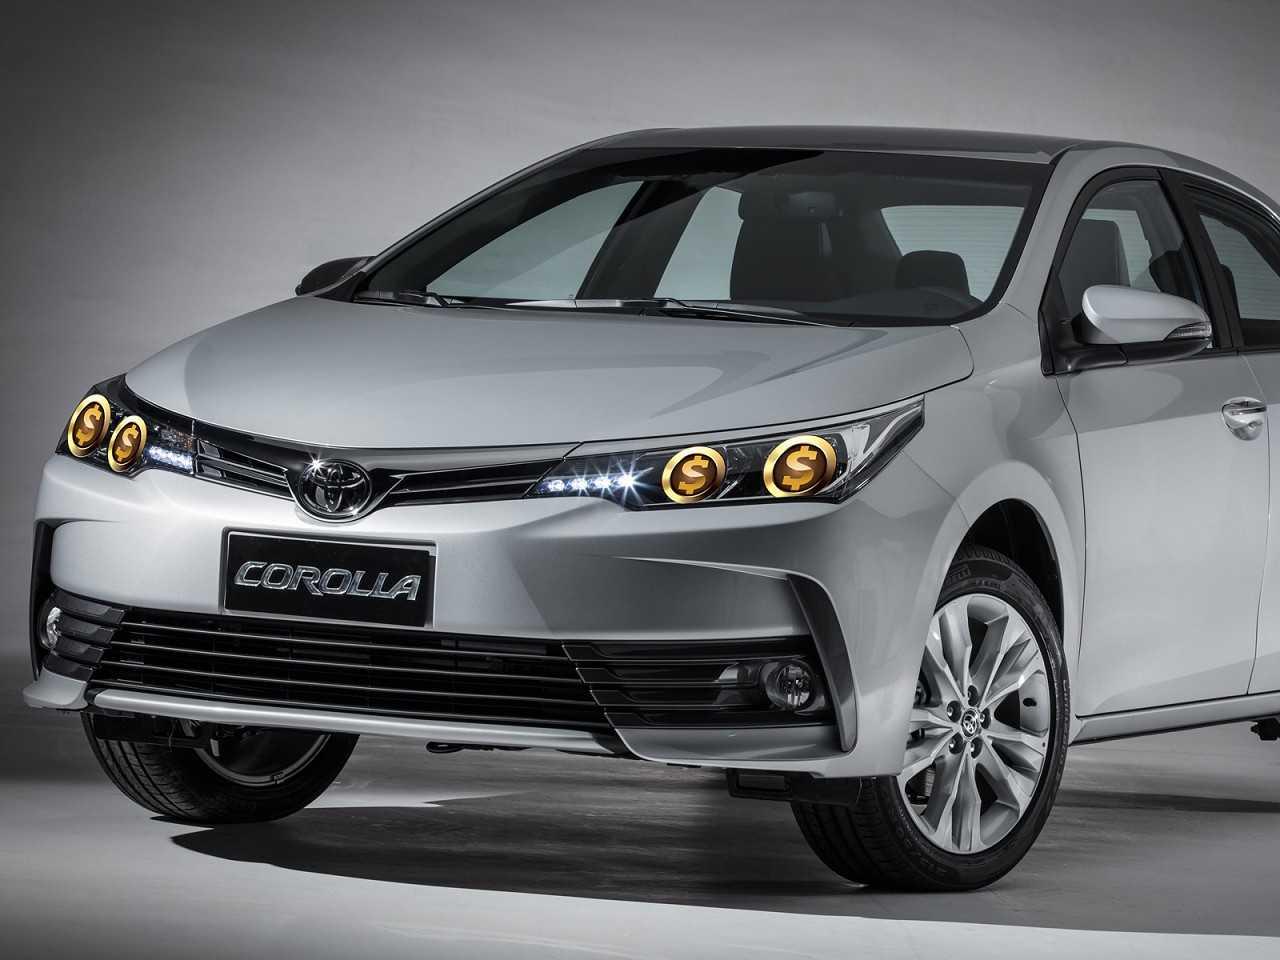 Toyota Corolla nacional: se poder de compra do brasileiro fosse parecido com americano, sedã custaria R$ 26 mil